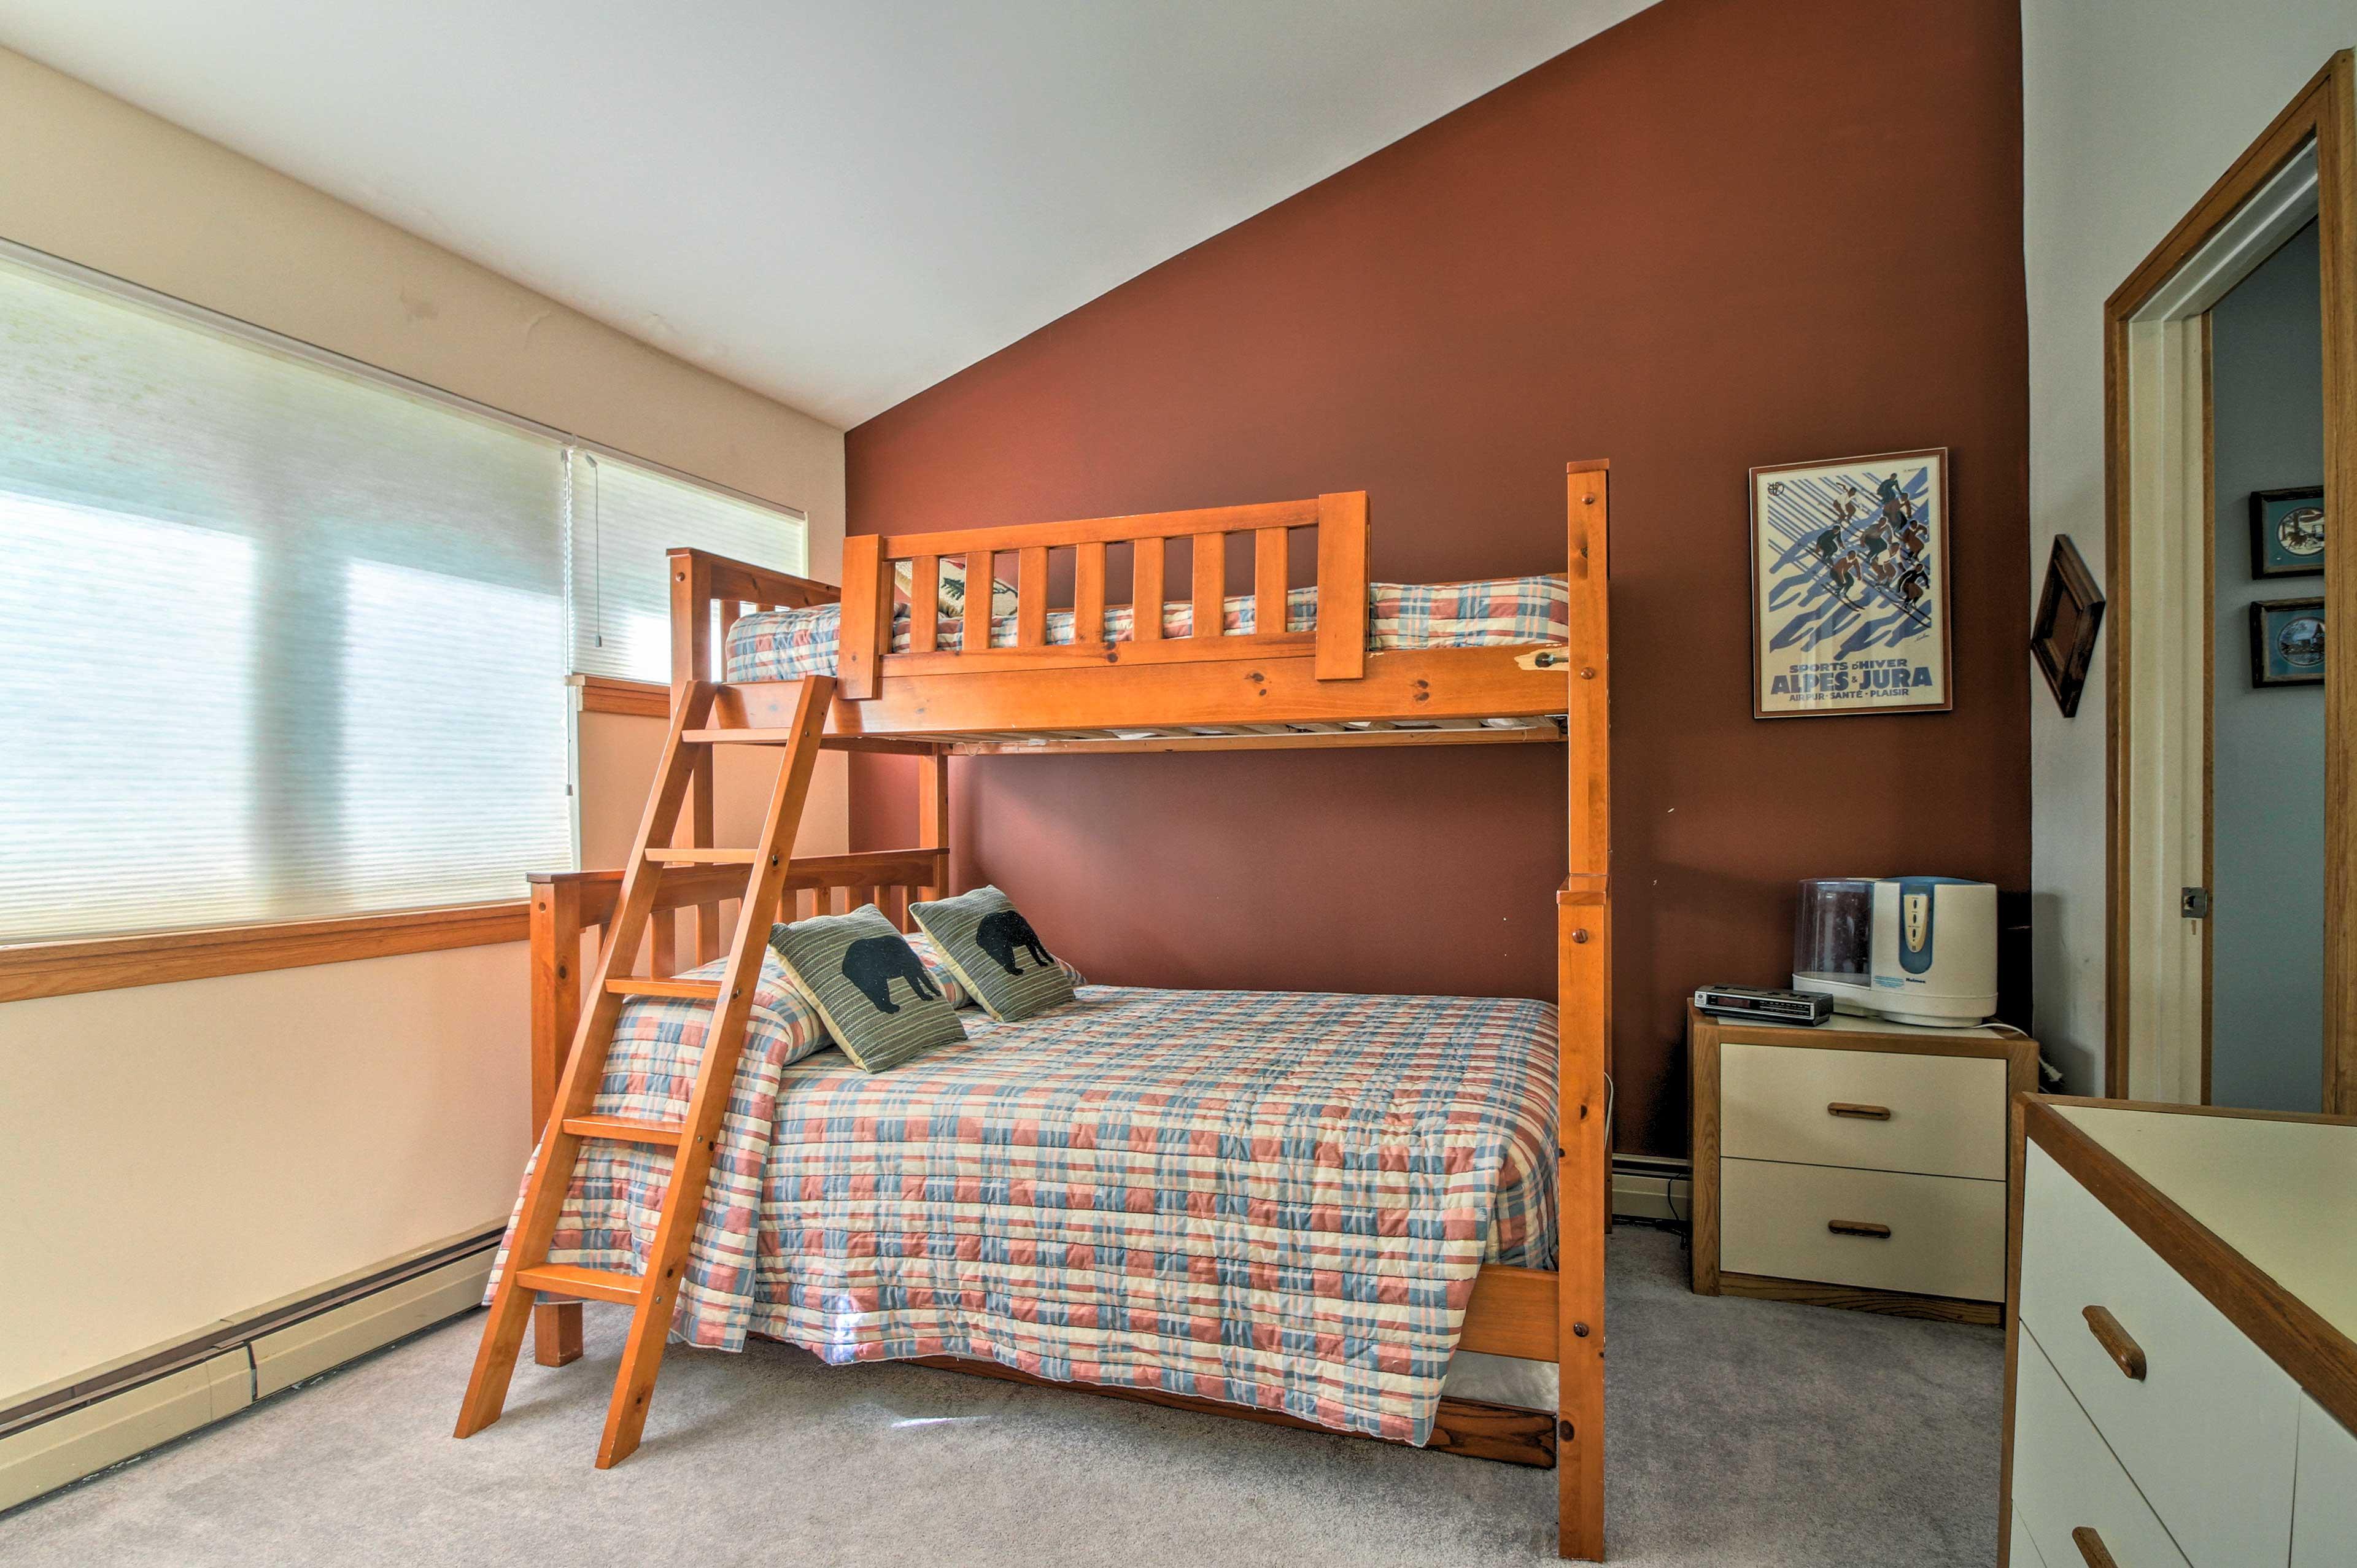 Bedroom 2 | Twin/Full Bunk Bed | Second Story | En-Suite Bathroom